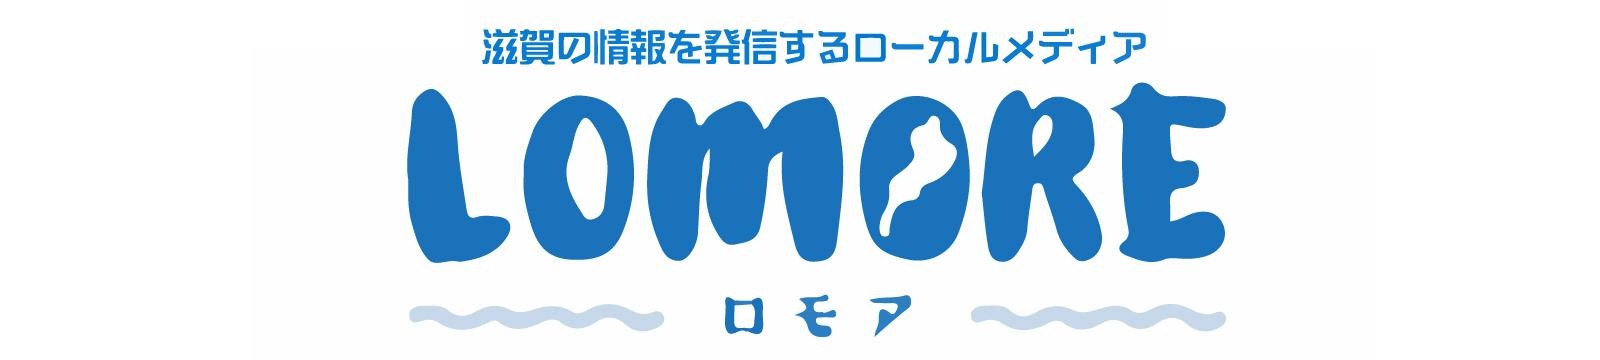 LOMORE / 滋賀のローカル情報を発信するWEBメディア